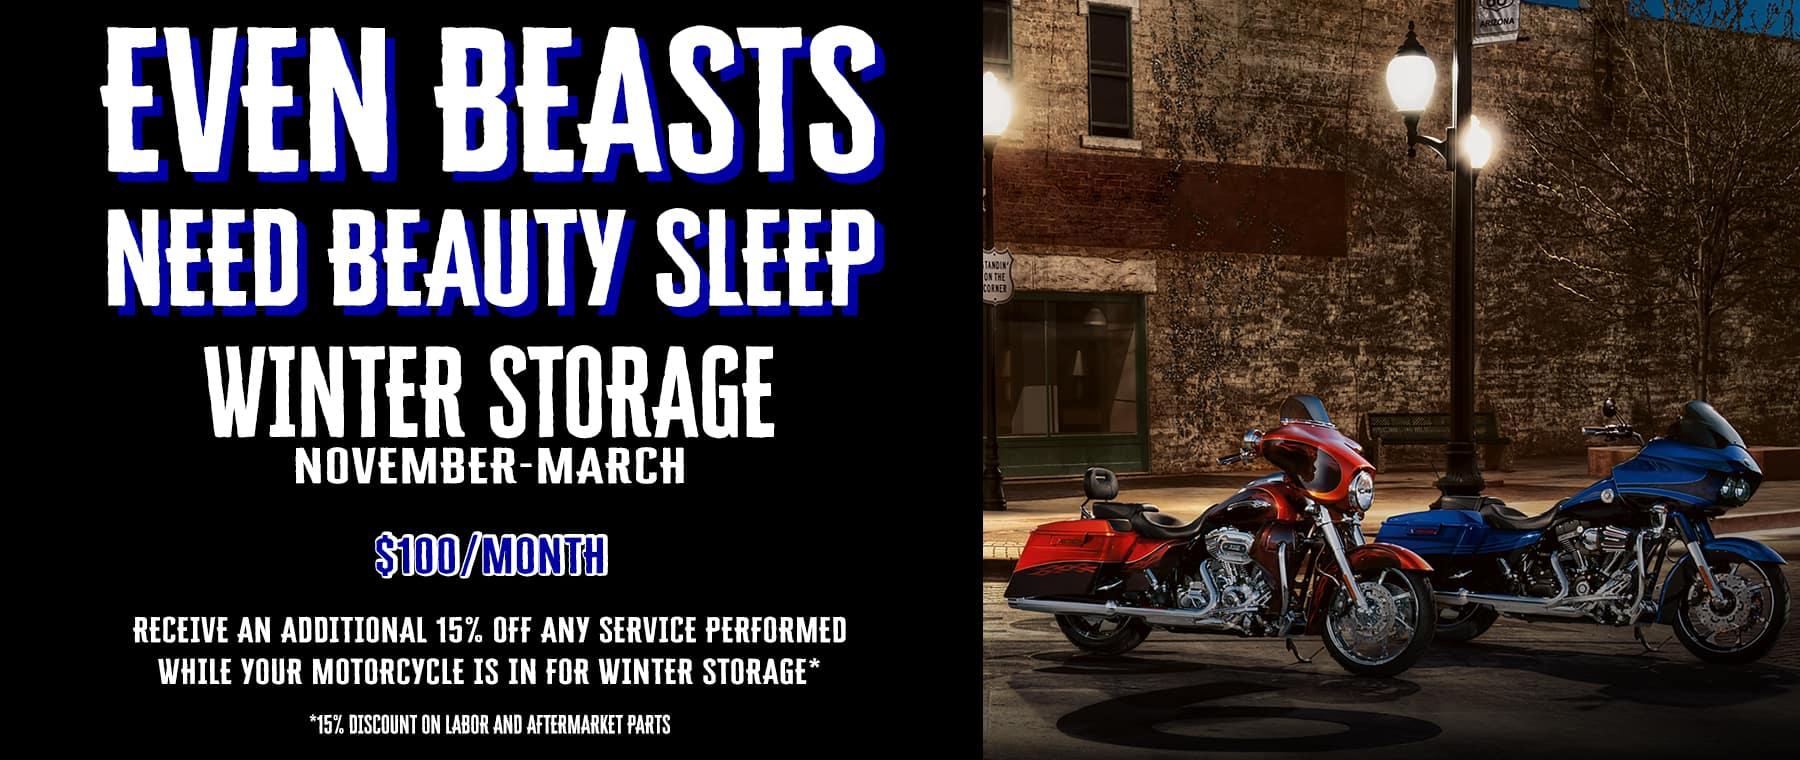 winter storage website